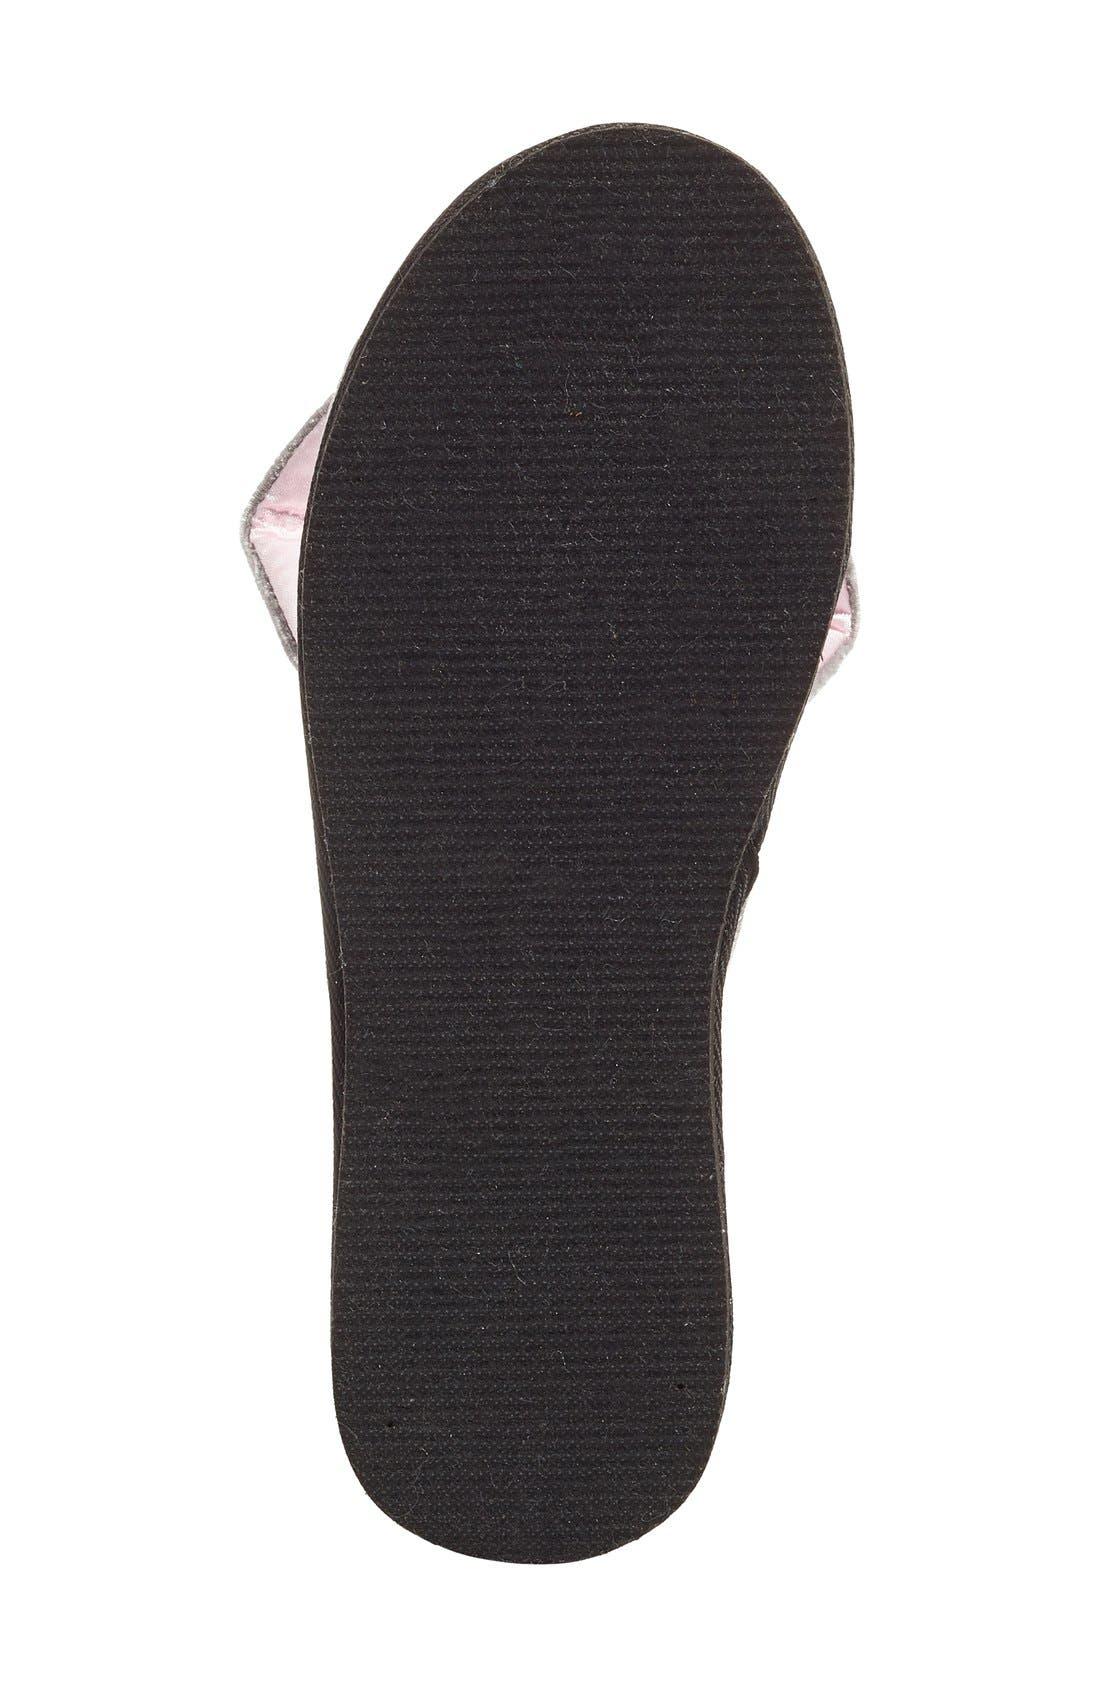 Alternate Image 4  - kate spade new york 'bonnie - bunny' velvet slipper (Women)